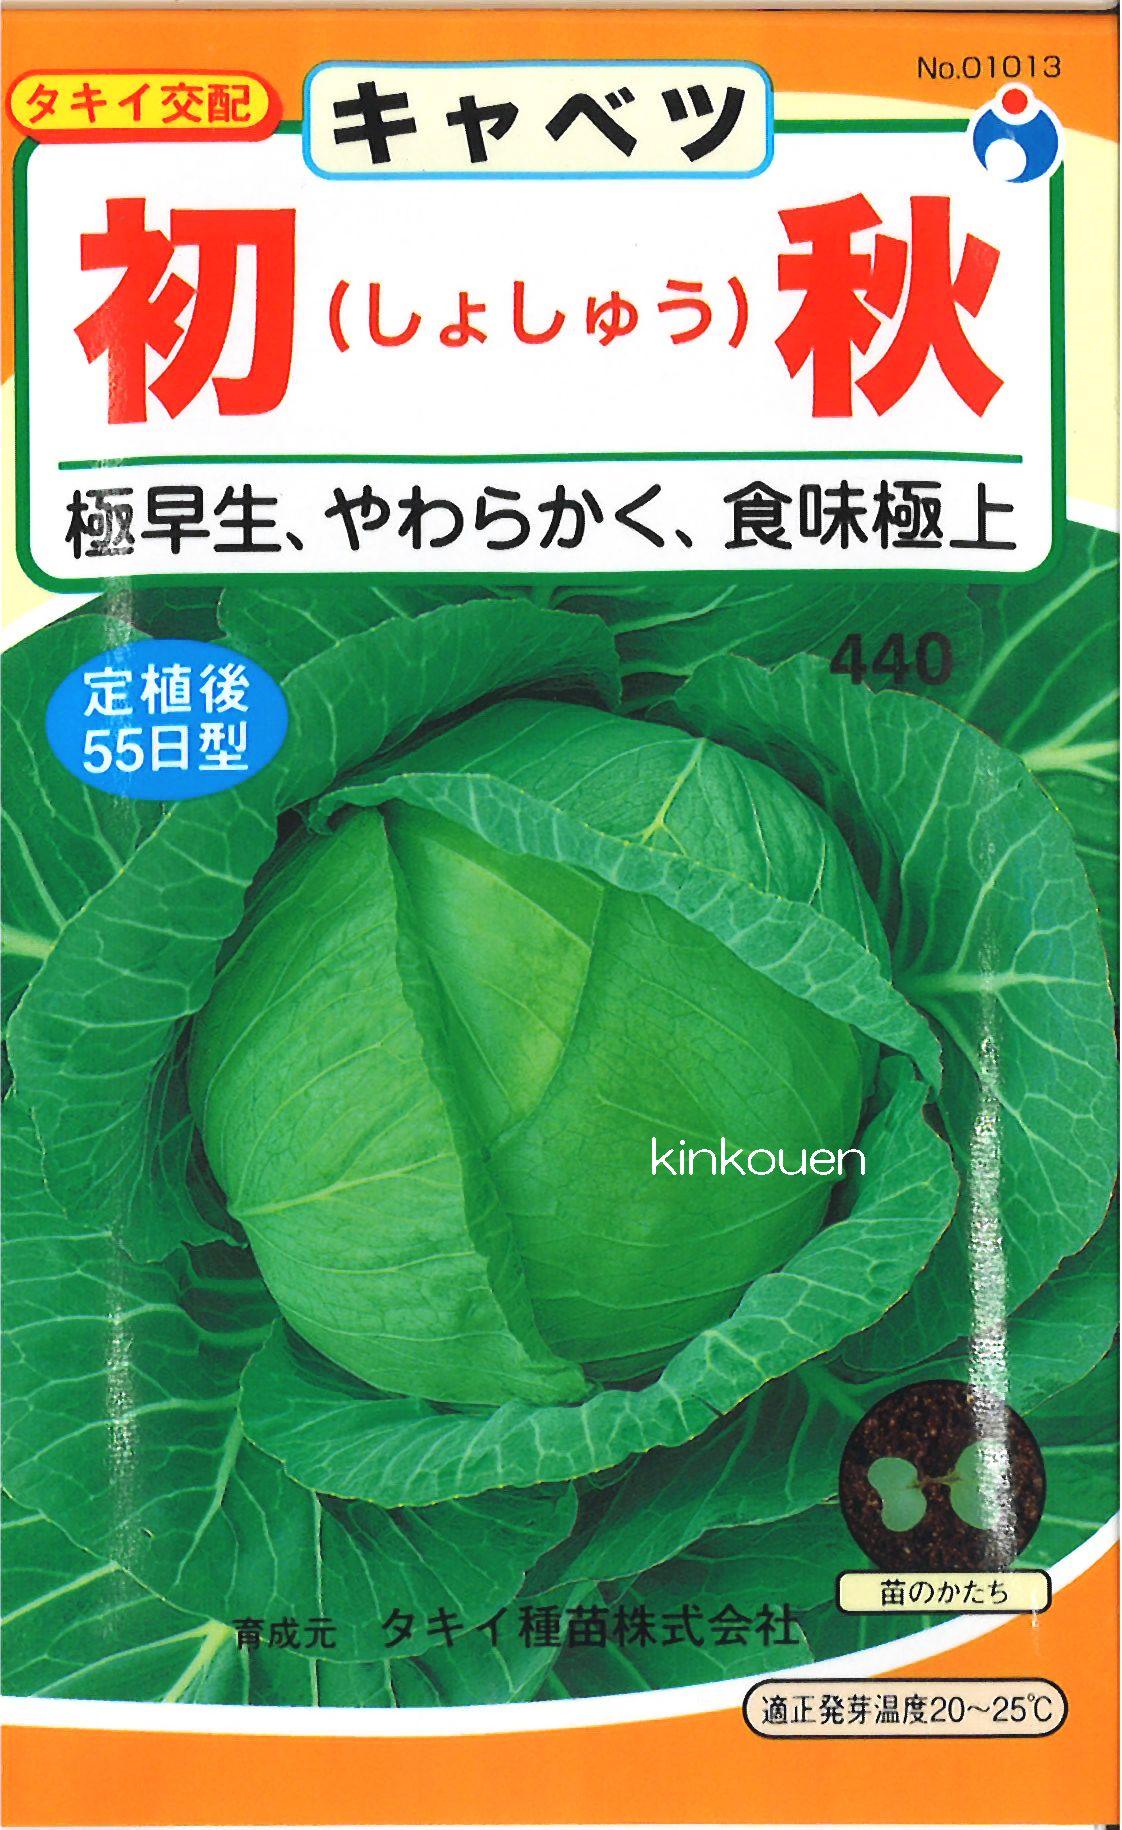 【代引不可】【5袋まで送料80円】□初秋キャベツ